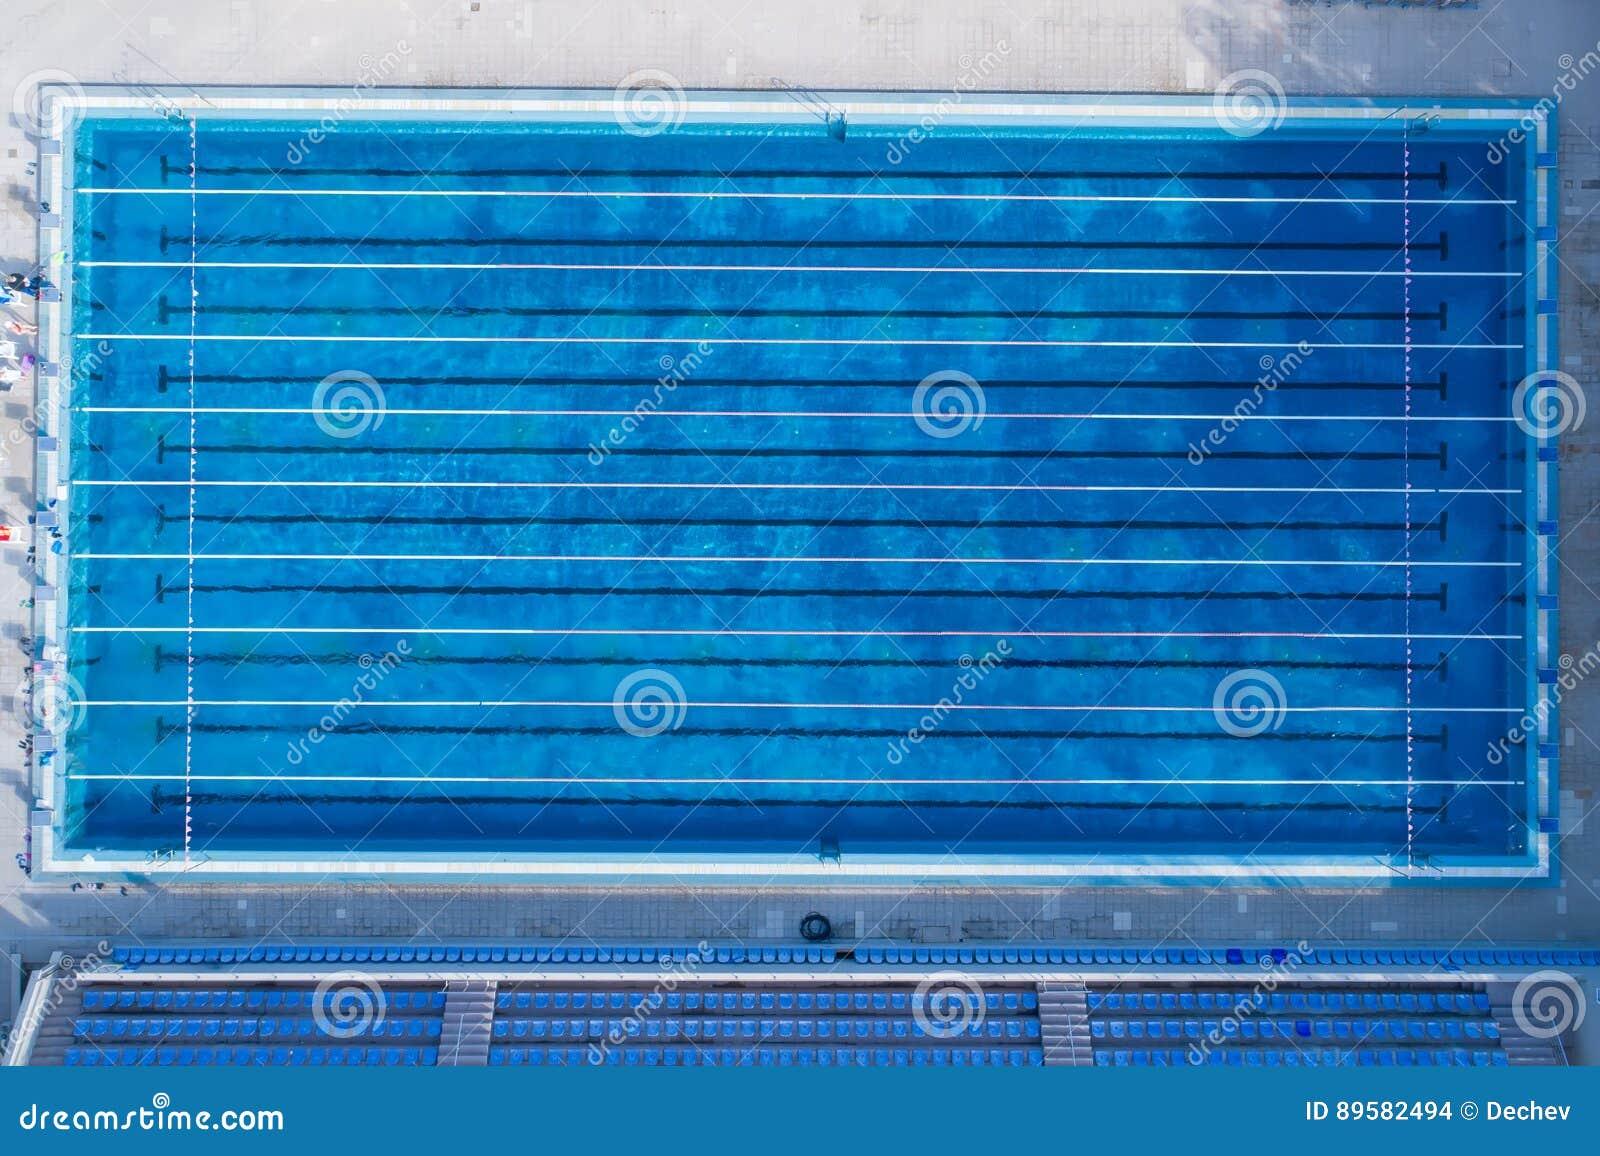 Τοπ άποψη, άποψη ματιών πουλιών της πισίνας με τις χαρακτηρισμένες παρόδους και αρχική πλατφόρμα